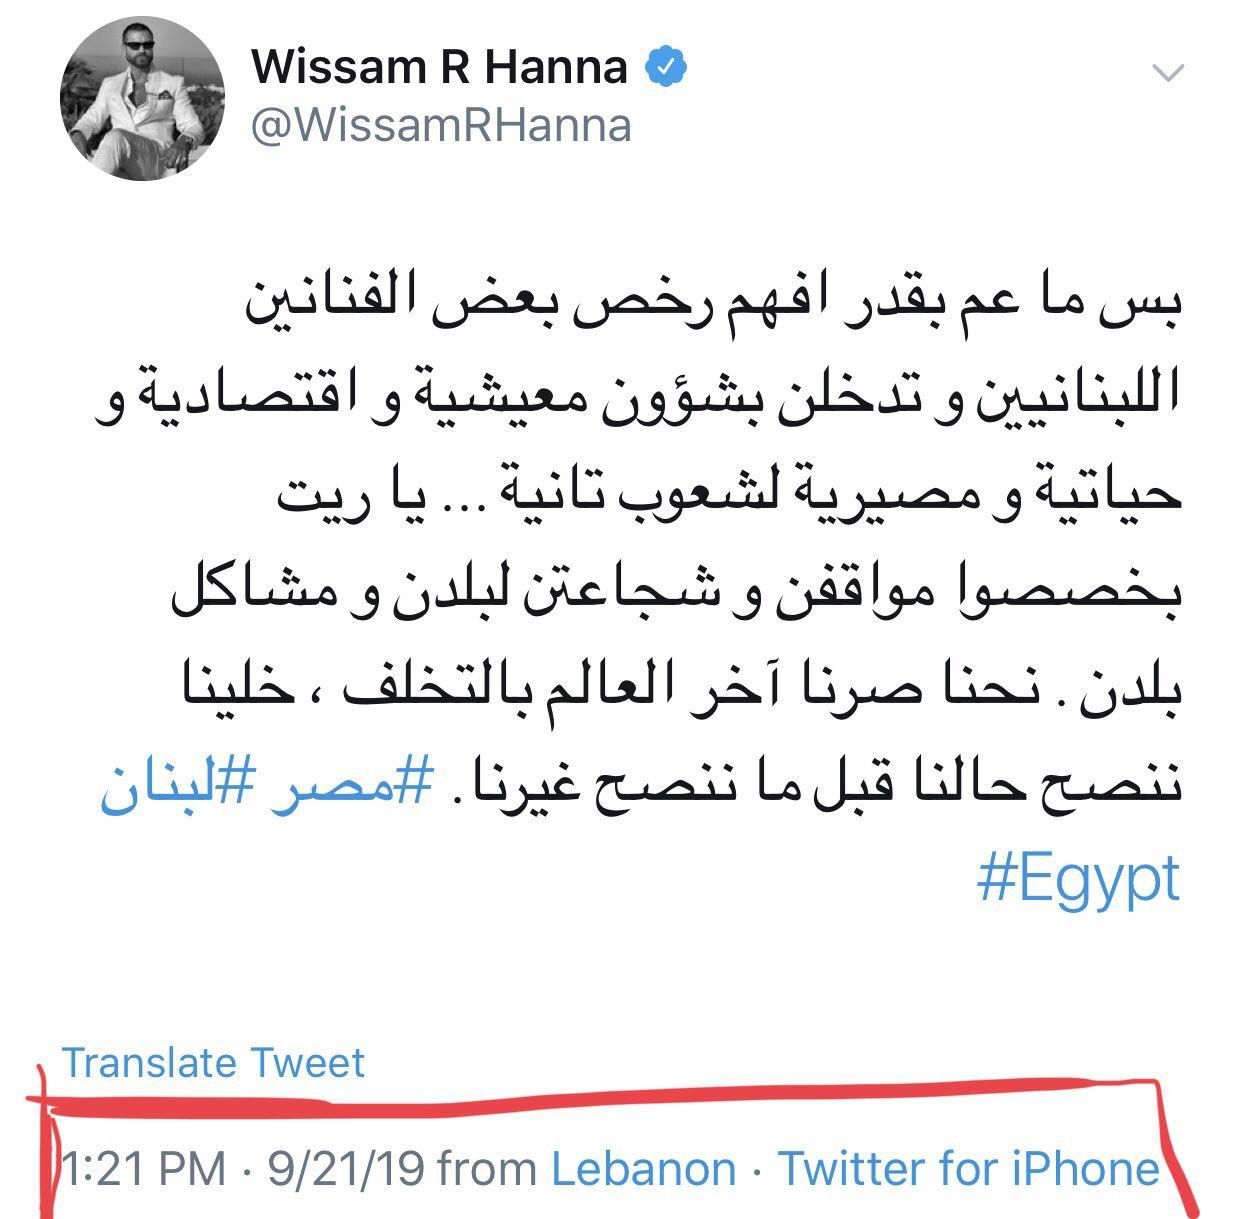 يوم وساعة نشر وسام لتغريدته